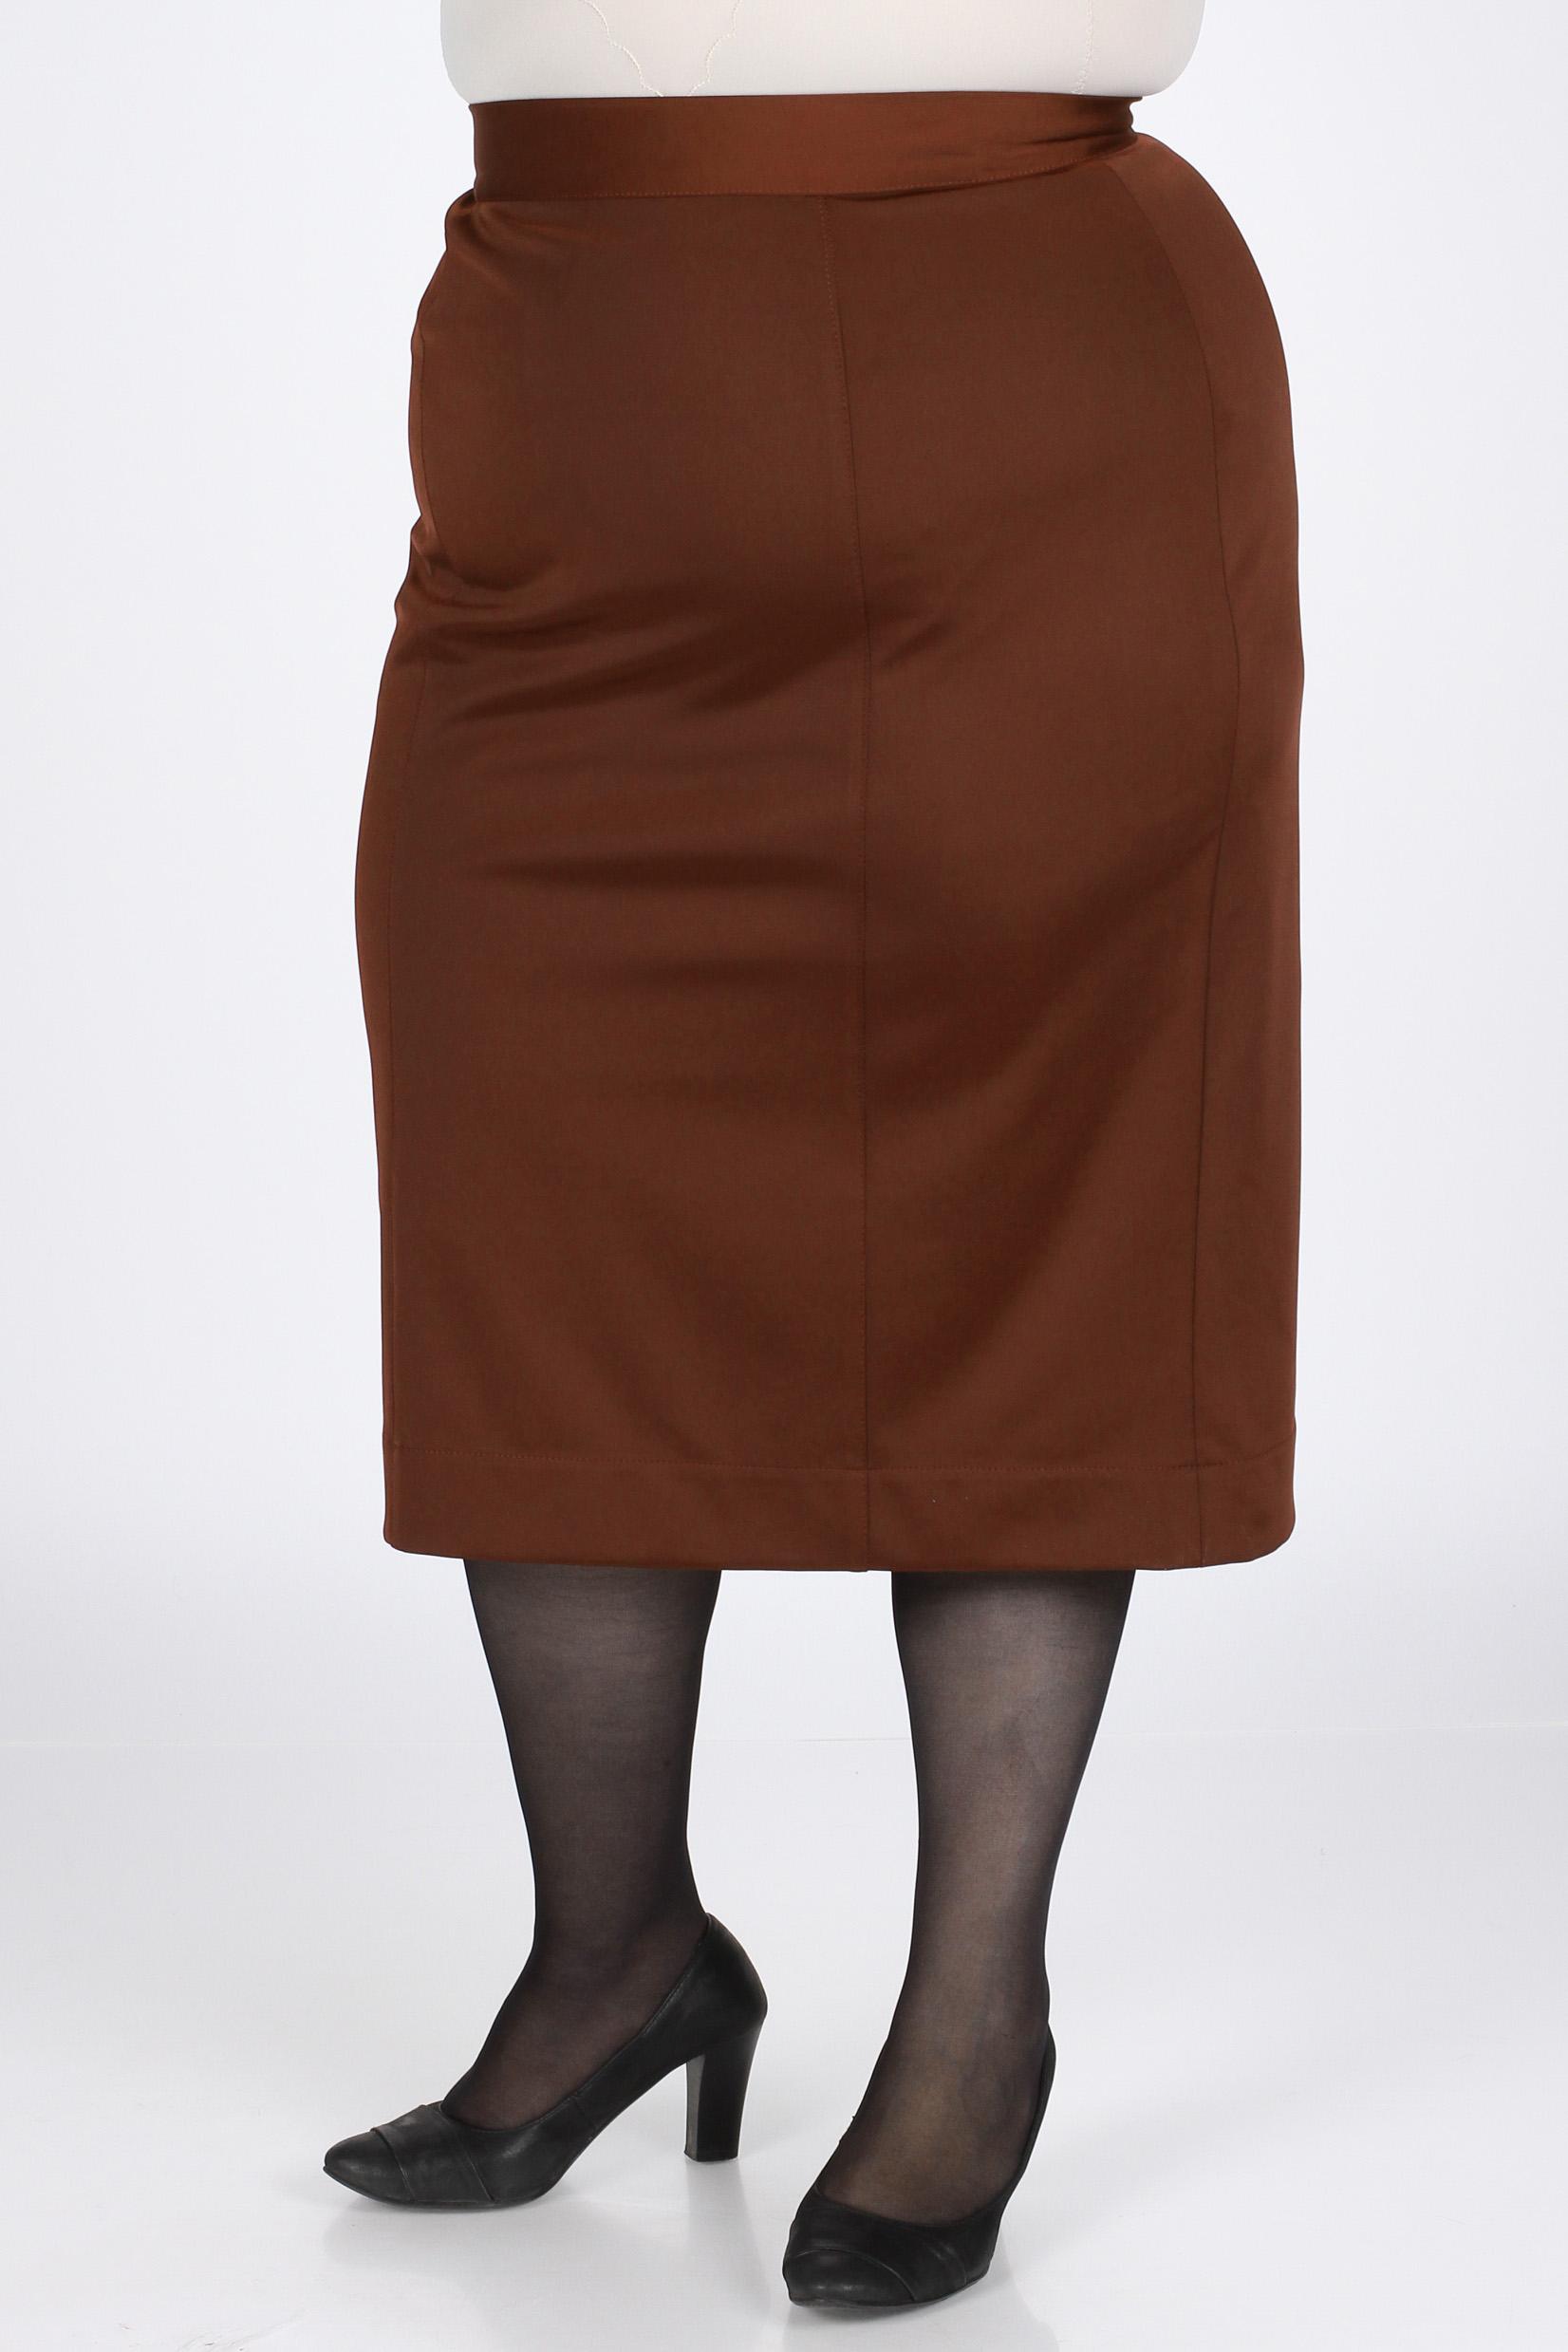 ЮбкаЮбки<br>Классическая юбка из трикотажа с эффектом мокрого шёлка на подкладе. Благодаря ткани-стрейч, юбка хорошо садится на фигуру. На притачном поясе, застёжка на молнии и шлица. Длина изделия по боковому шву - 78 см.  Цвет: коричневый  Рост девушки-фотомодели 164 см., размер 56.<br><br>По длине: Ниже колена<br>По материалу: Вискоза,Тканевые<br>По образу: Город,Офис,Свидание<br>По рисунку: Однотонные<br>По сезону: Весна,Осень<br>По силуэту: Полуприталенные<br>По стилю: Классический стиль,Офисный стиль,Повседневный стиль<br>Размер : 48,52,54,58<br>Материал: Костюмно-плательная ткань<br>Количество в наличии: 4